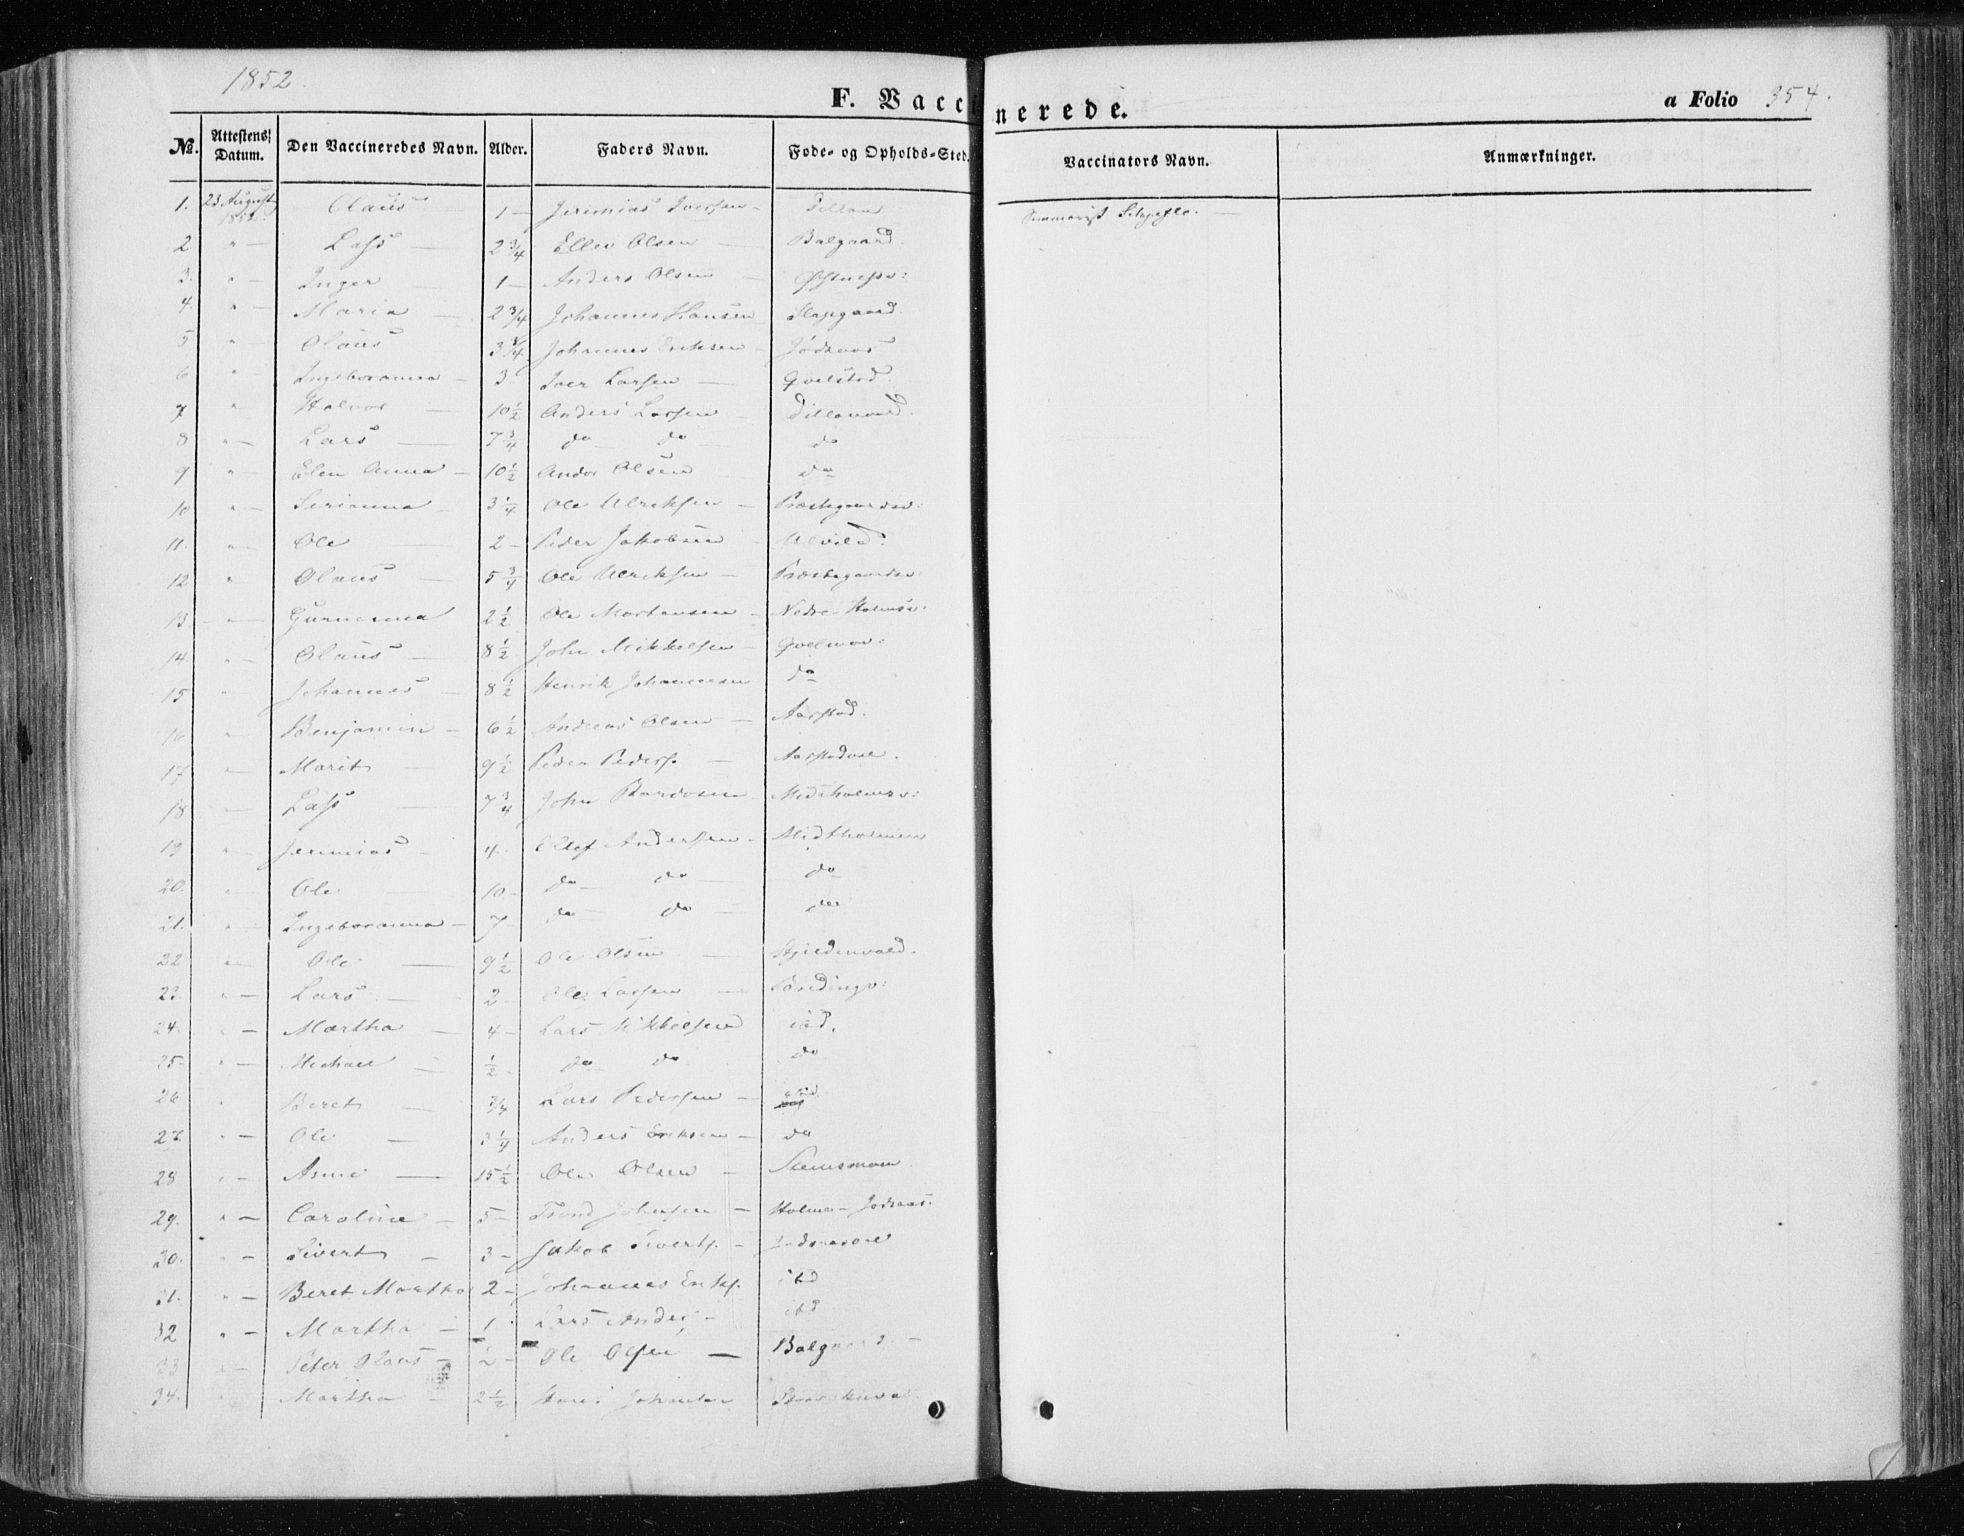 SAT, Ministerialprotokoller, klokkerbøker og fødselsregistre - Nord-Trøndelag, 723/L0240: Ministerialbok nr. 723A09, 1852-1860, s. 354